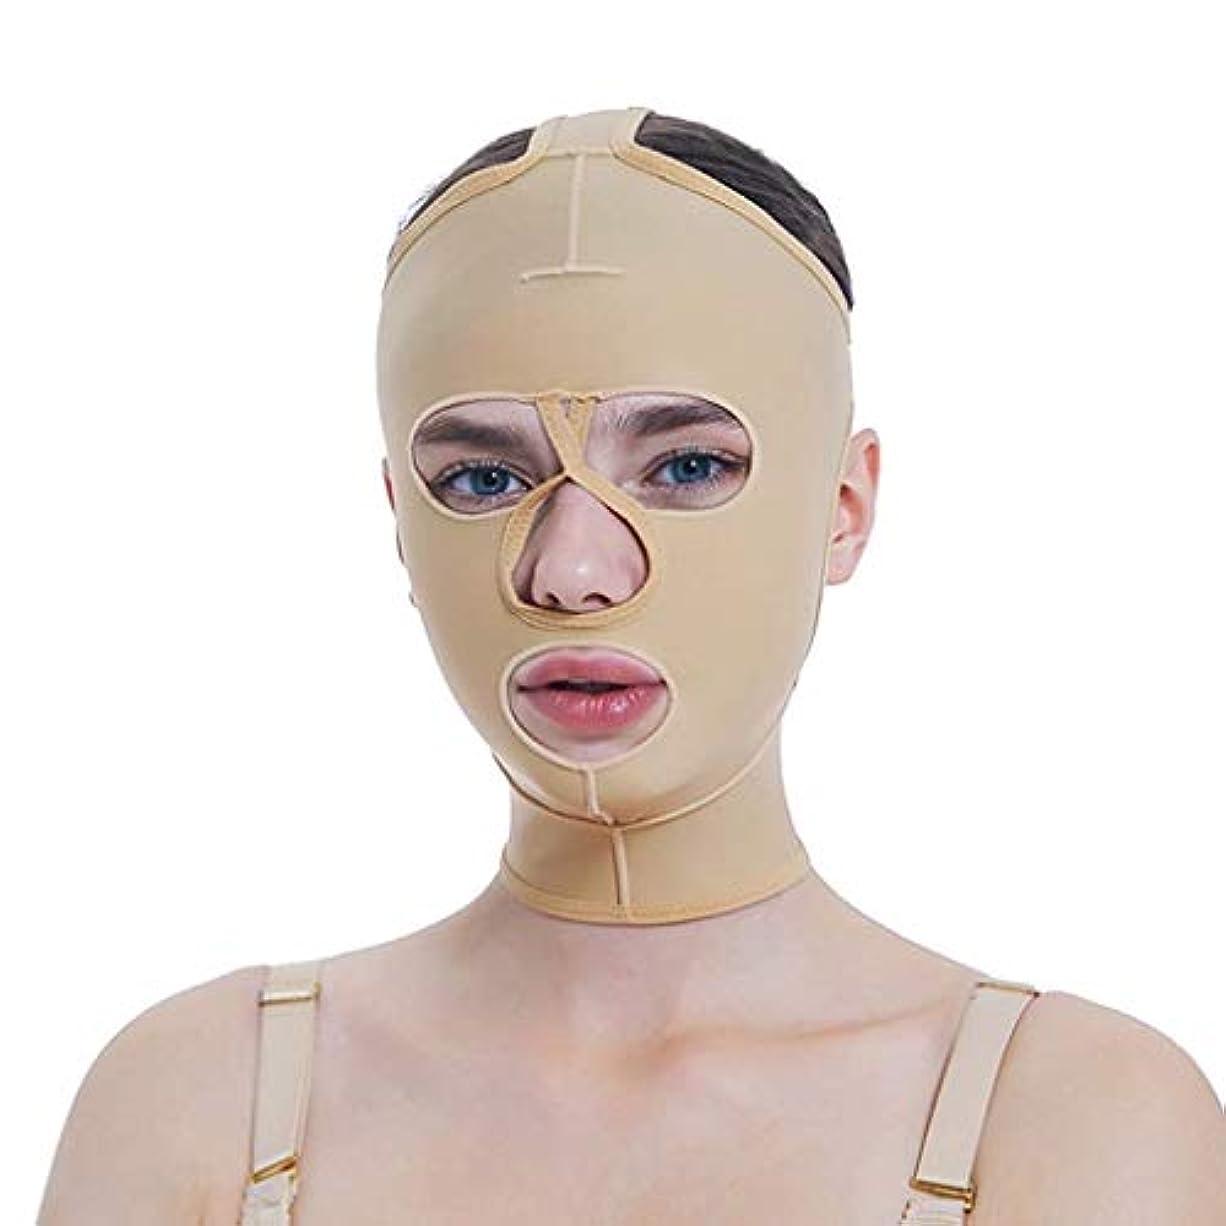 傘補助金ファン脂肪吸引術用成形マスク、薄手かつらVフェイスビームフェイス弾性スリーブマルチサイズオプション(サイズ:M)